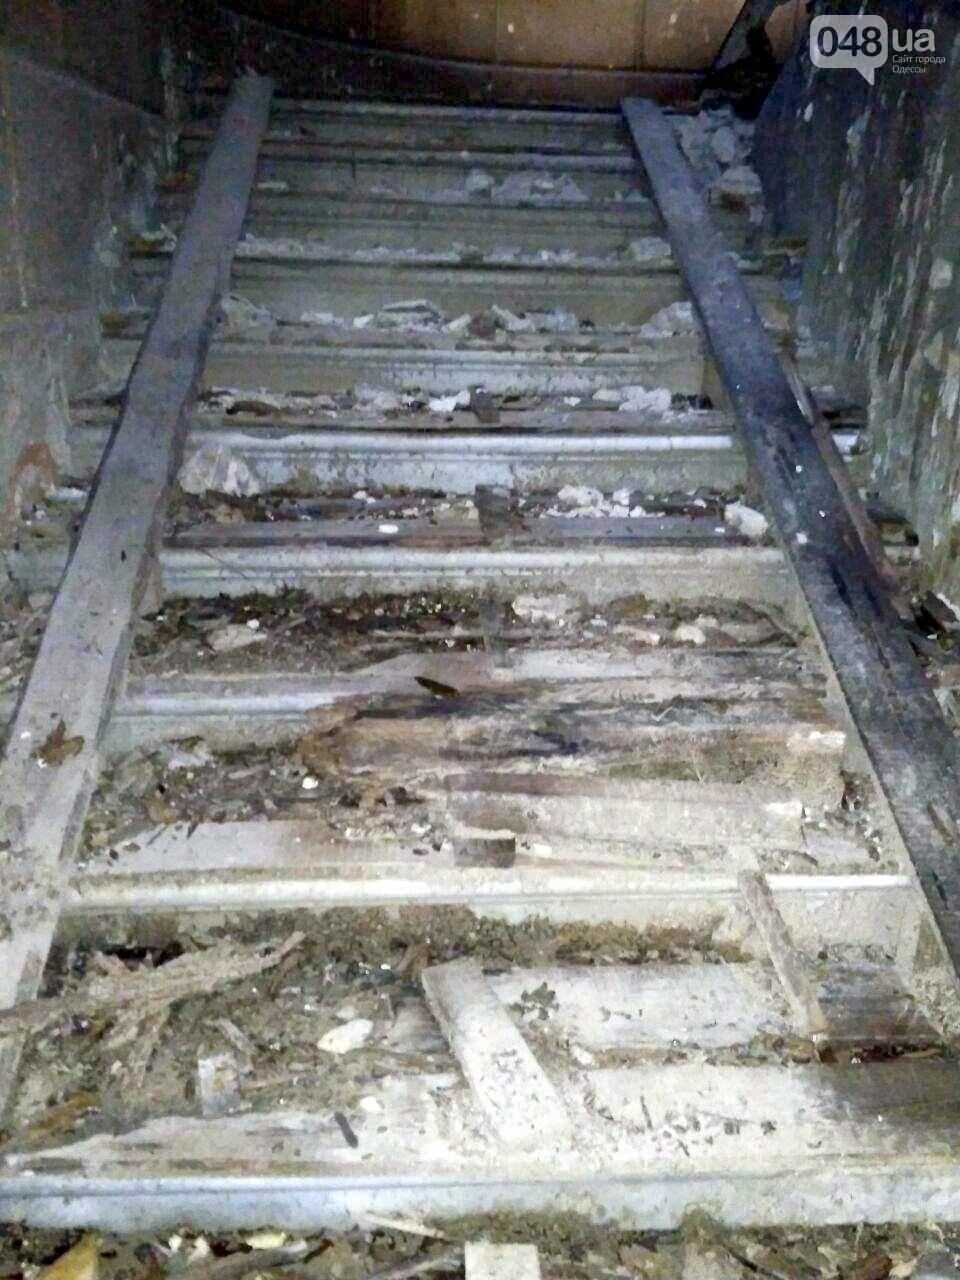 Поймать привидение или провалиться в подземелье: Одесский Дом Гоголя изнутри (ФОТО), фото-8